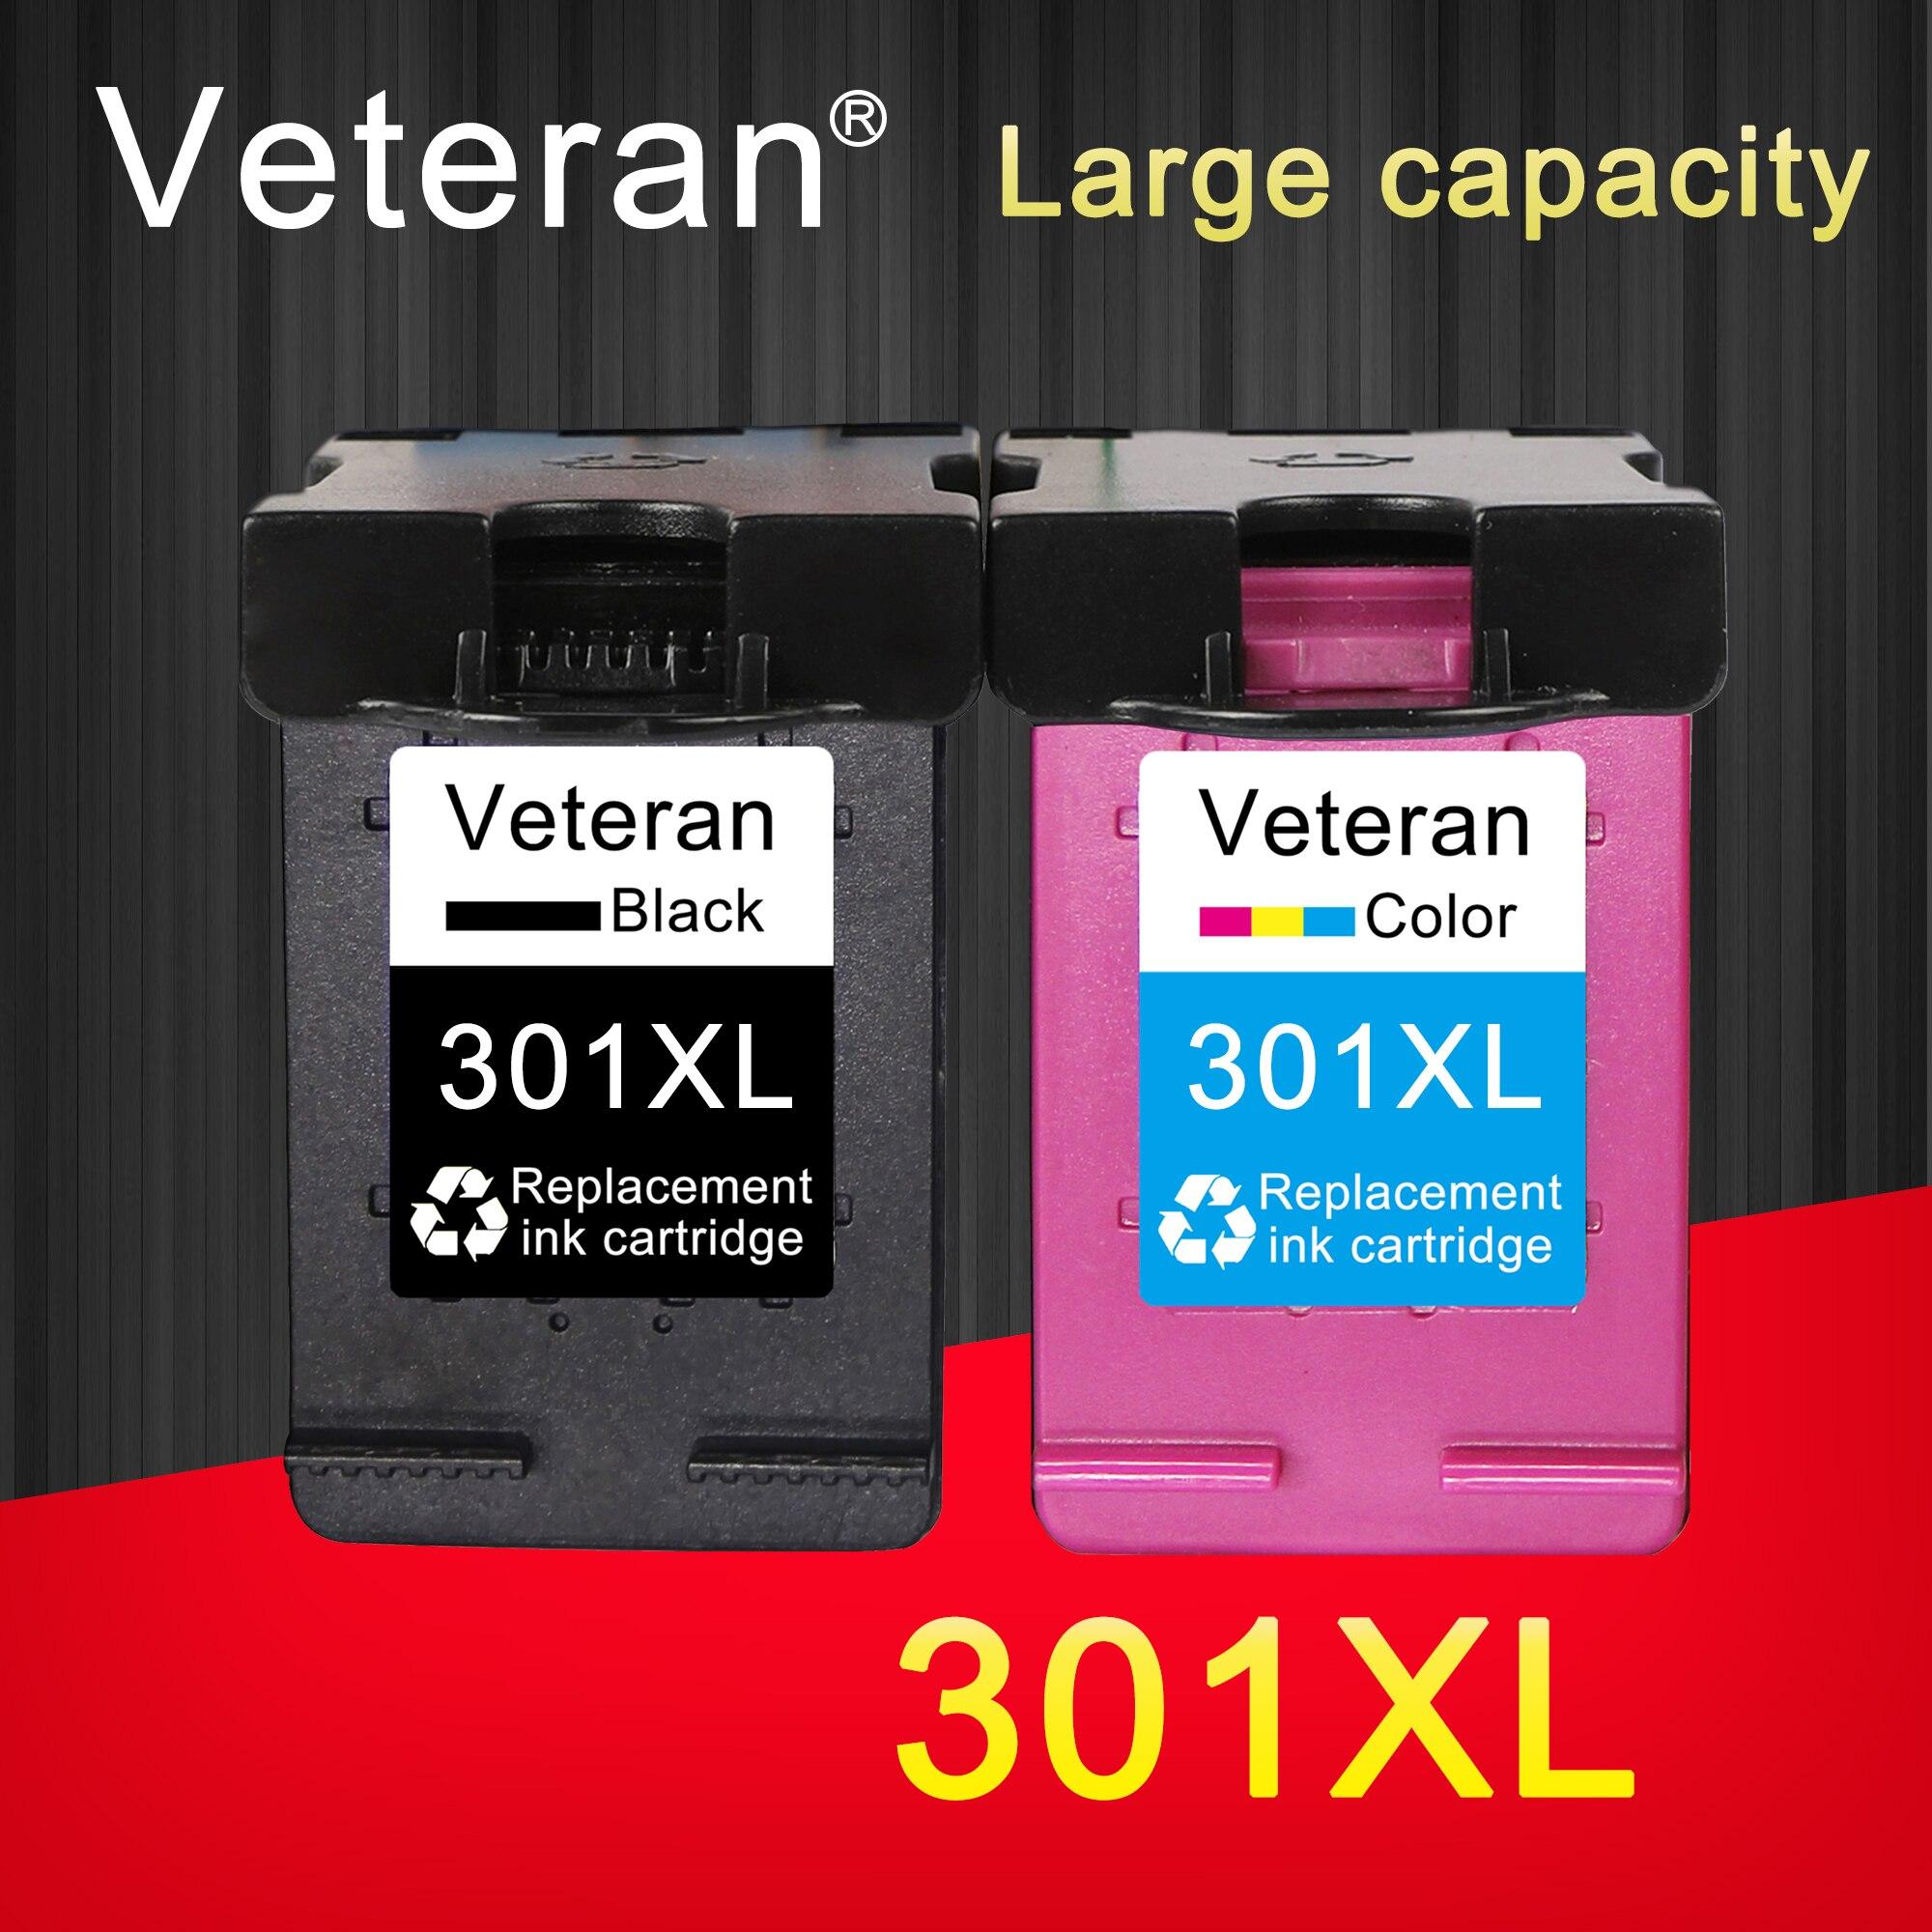 Картридж Veteran 301XL для принтера hp 301 xl, чернильный картридж для hp Deskjet 2050 1000 1050 2510 3000 3054 Envy 4500 4502